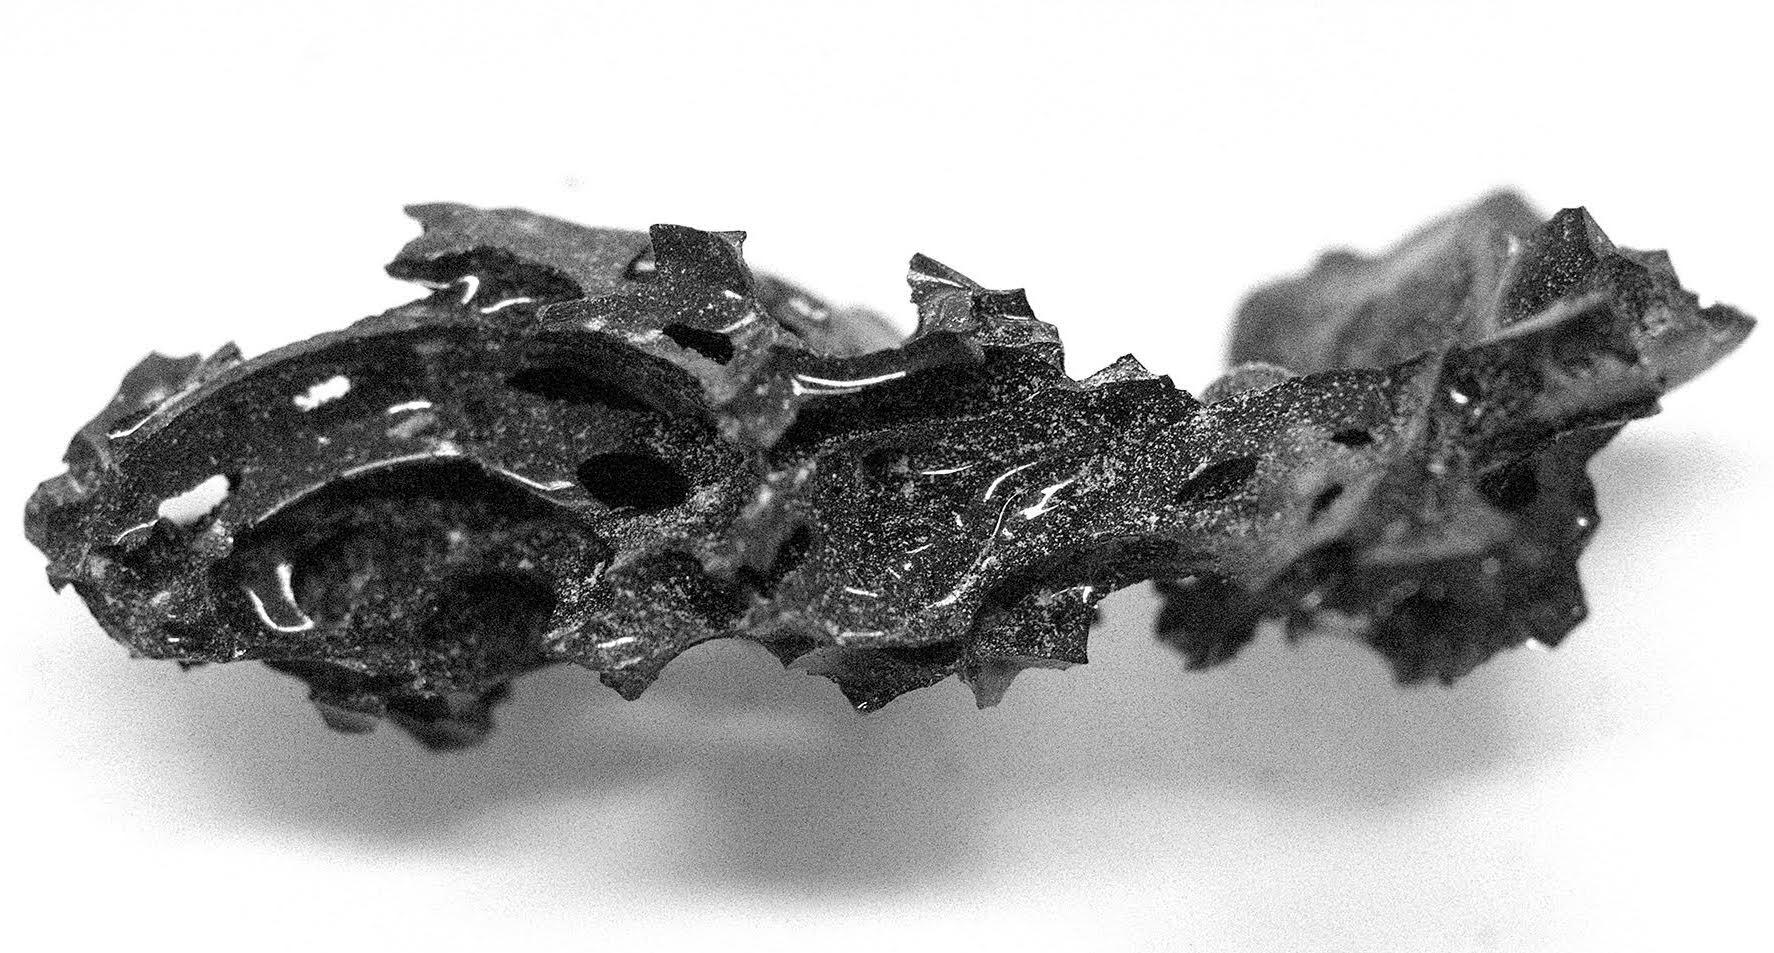 Вулкан на службе нейронаук: обнаружены 2000-летние нейроны человеческого мозга